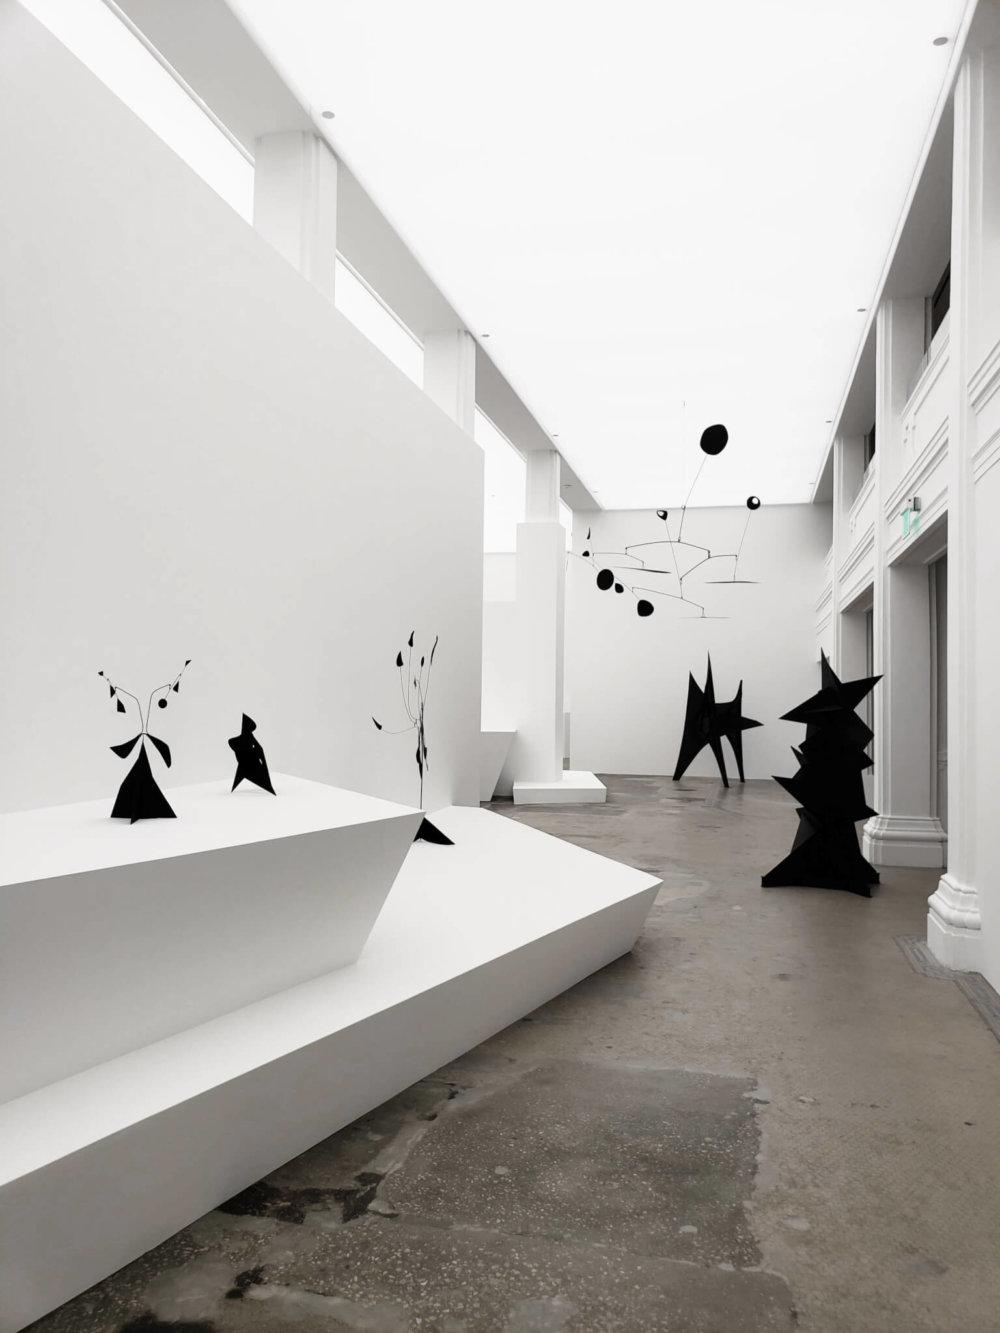 實習期間,Magic到Hauser & Wirth畫廊參觀他十分欣賞的藝術家Alexander Calder的作品展。